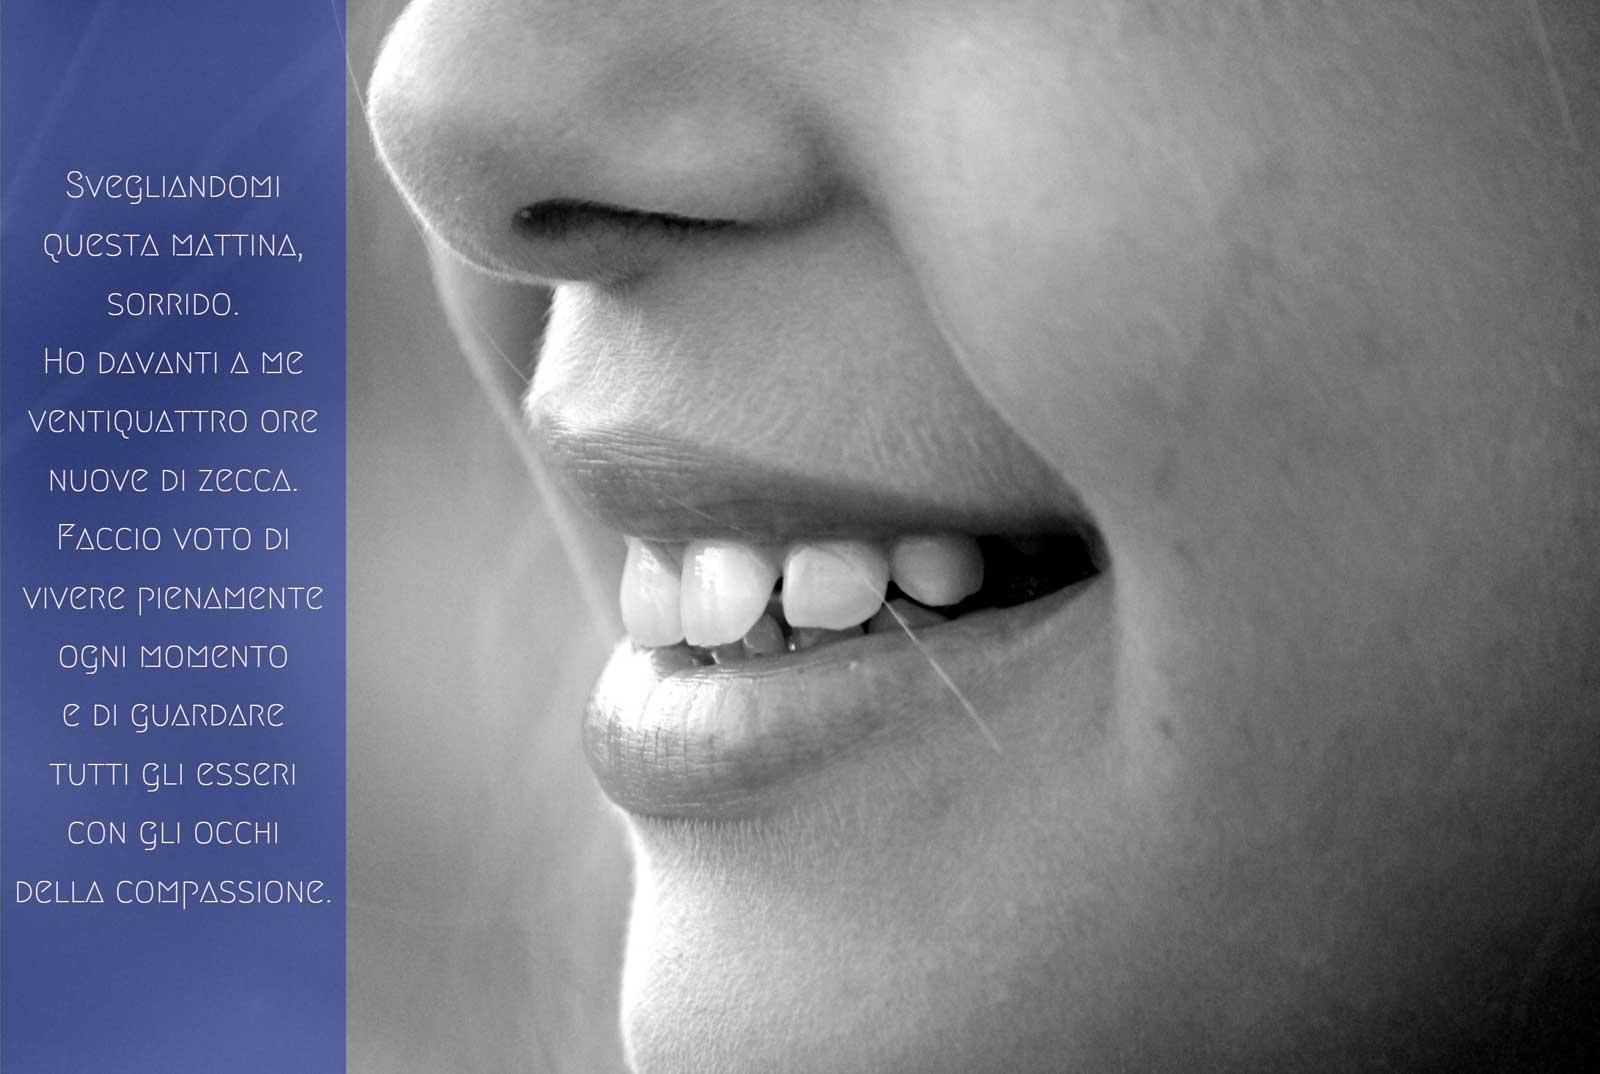 latte di seta buono o cattivo per il cancro alla prostata